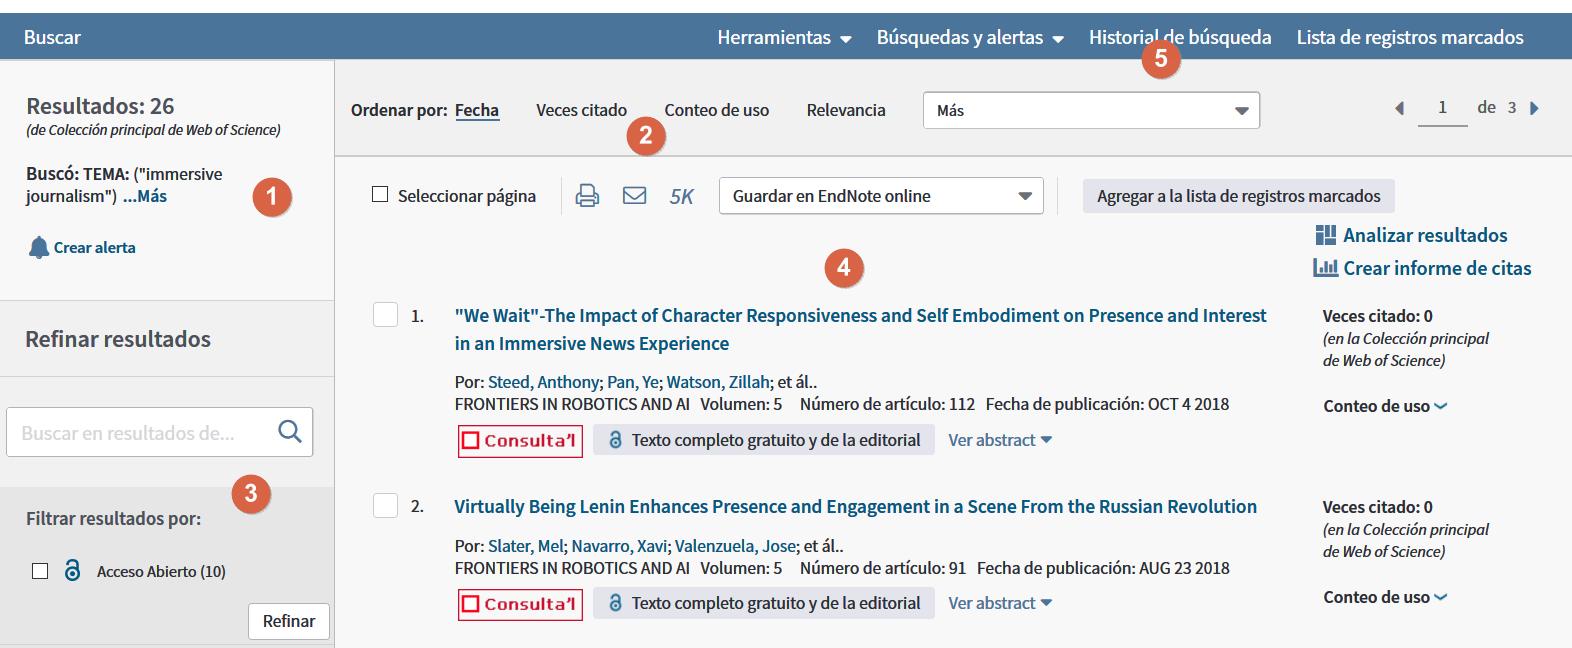 Base de datos académica Scopus. Captura de pantalla de la página de resultados